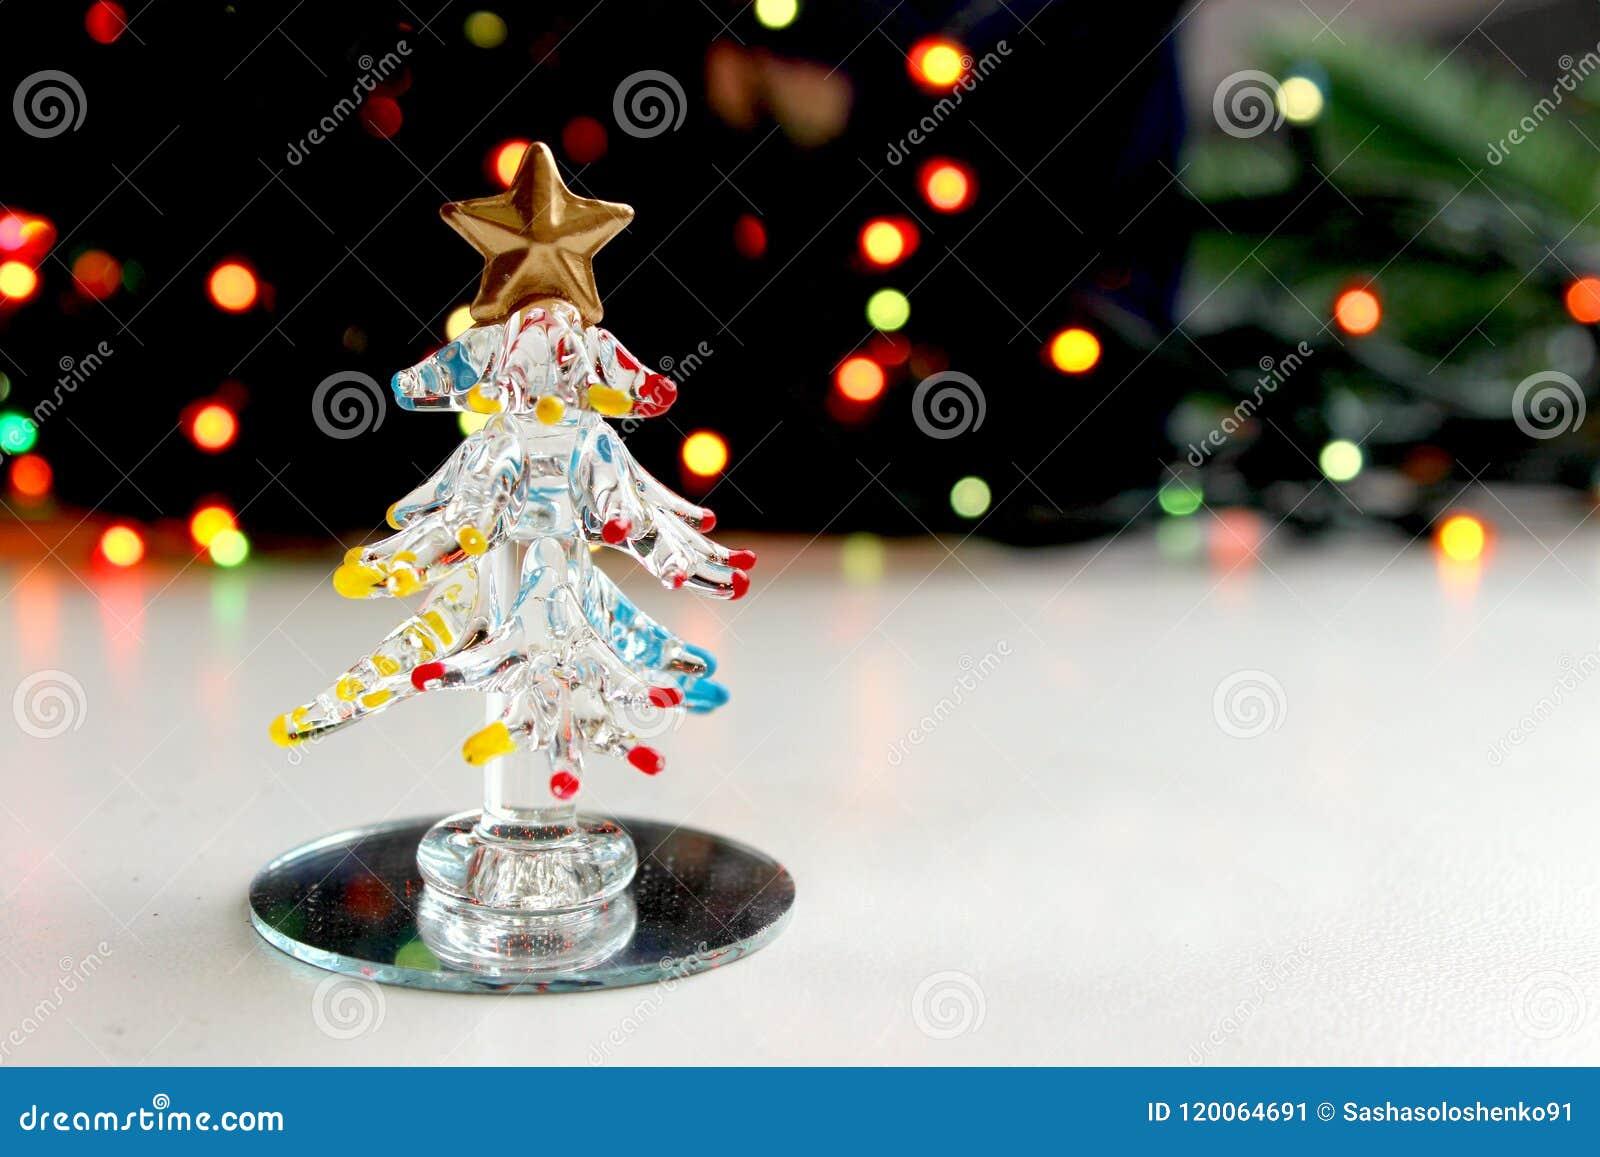 Ein kleiner Andenken Weihnachtsbaum gemacht vom Glas auf dem Hintergrund von funkelnden Weihnachtslichtern, bokeh Effekt